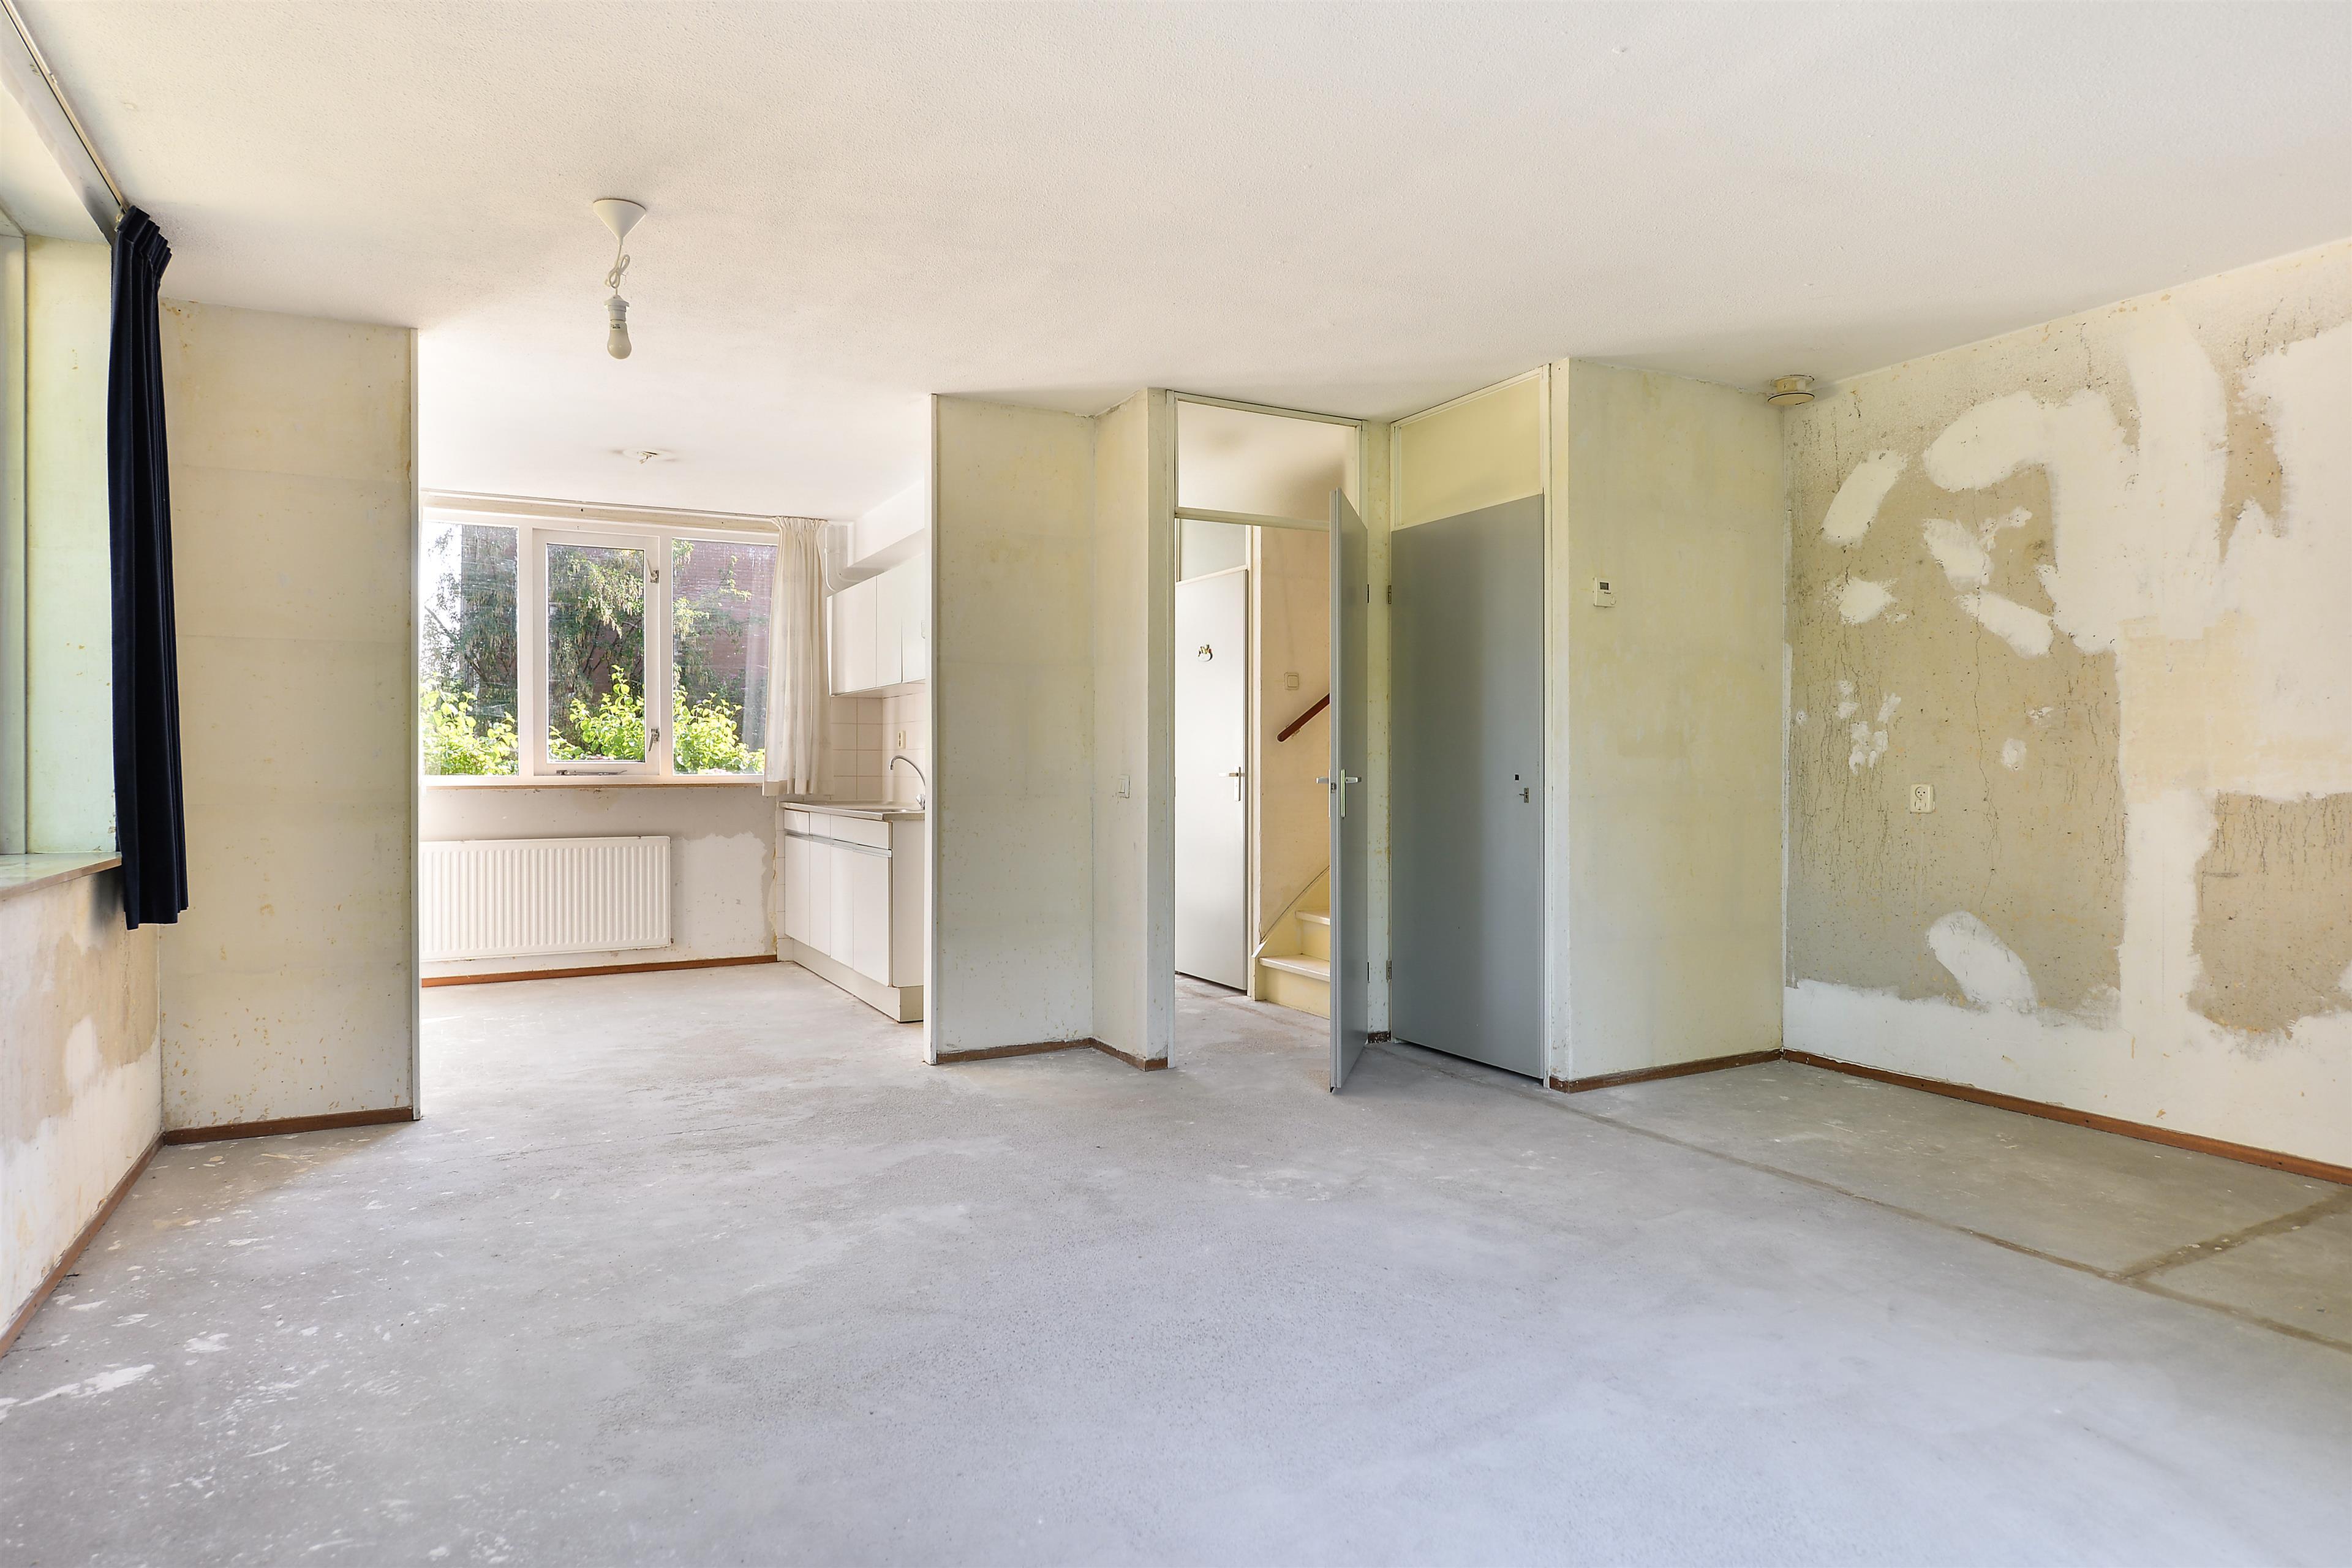 Te koop: Doornburg 56, Hoofddorp - Hoekstra en van Eck